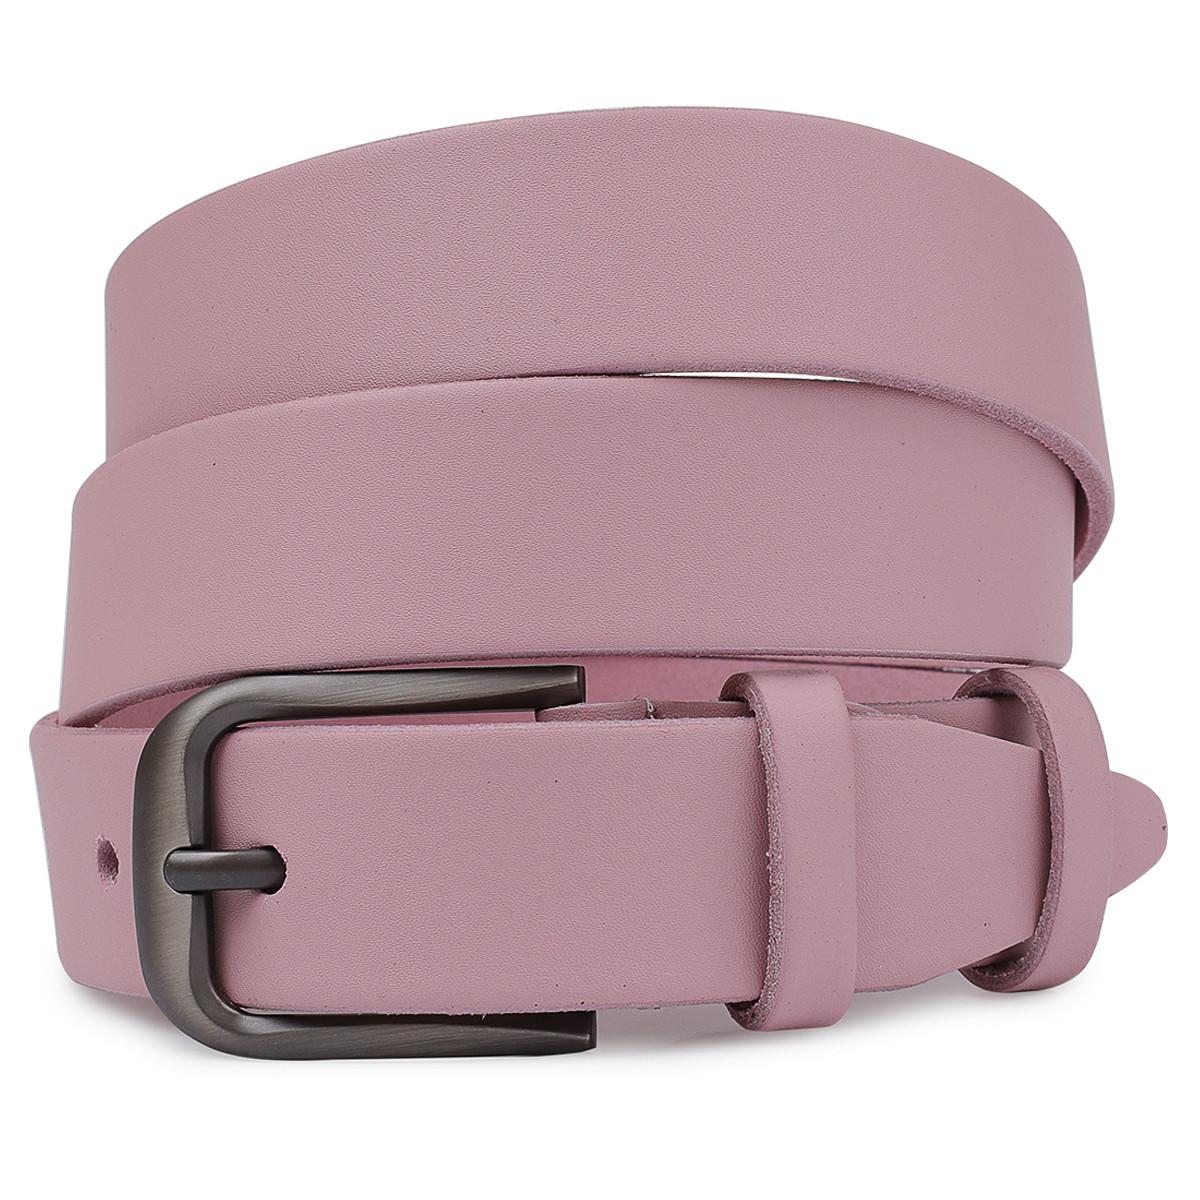 Жіночий шкіряний ремінь Vintage 20778 Рожевий